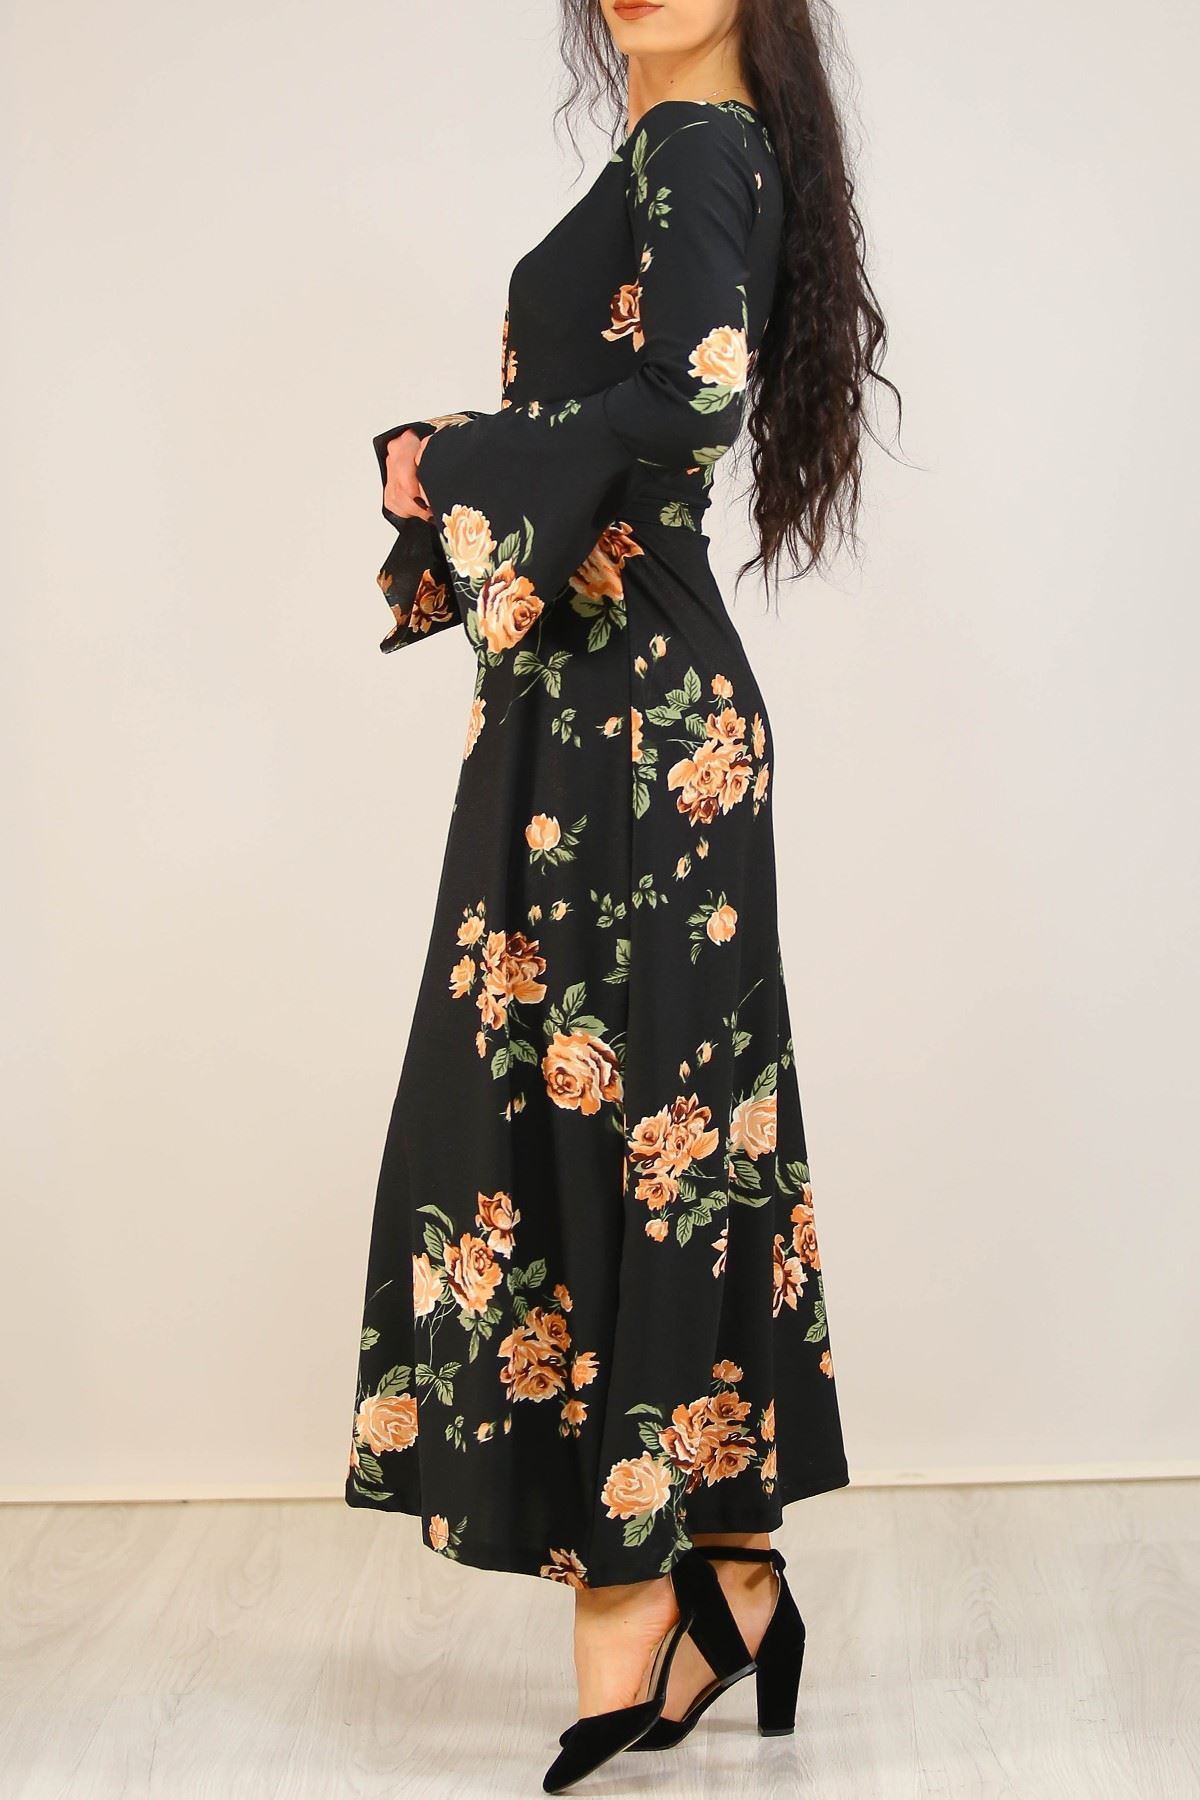 İspanyolkol Desenli Elbise Siyahçiçekli - 5075.716.